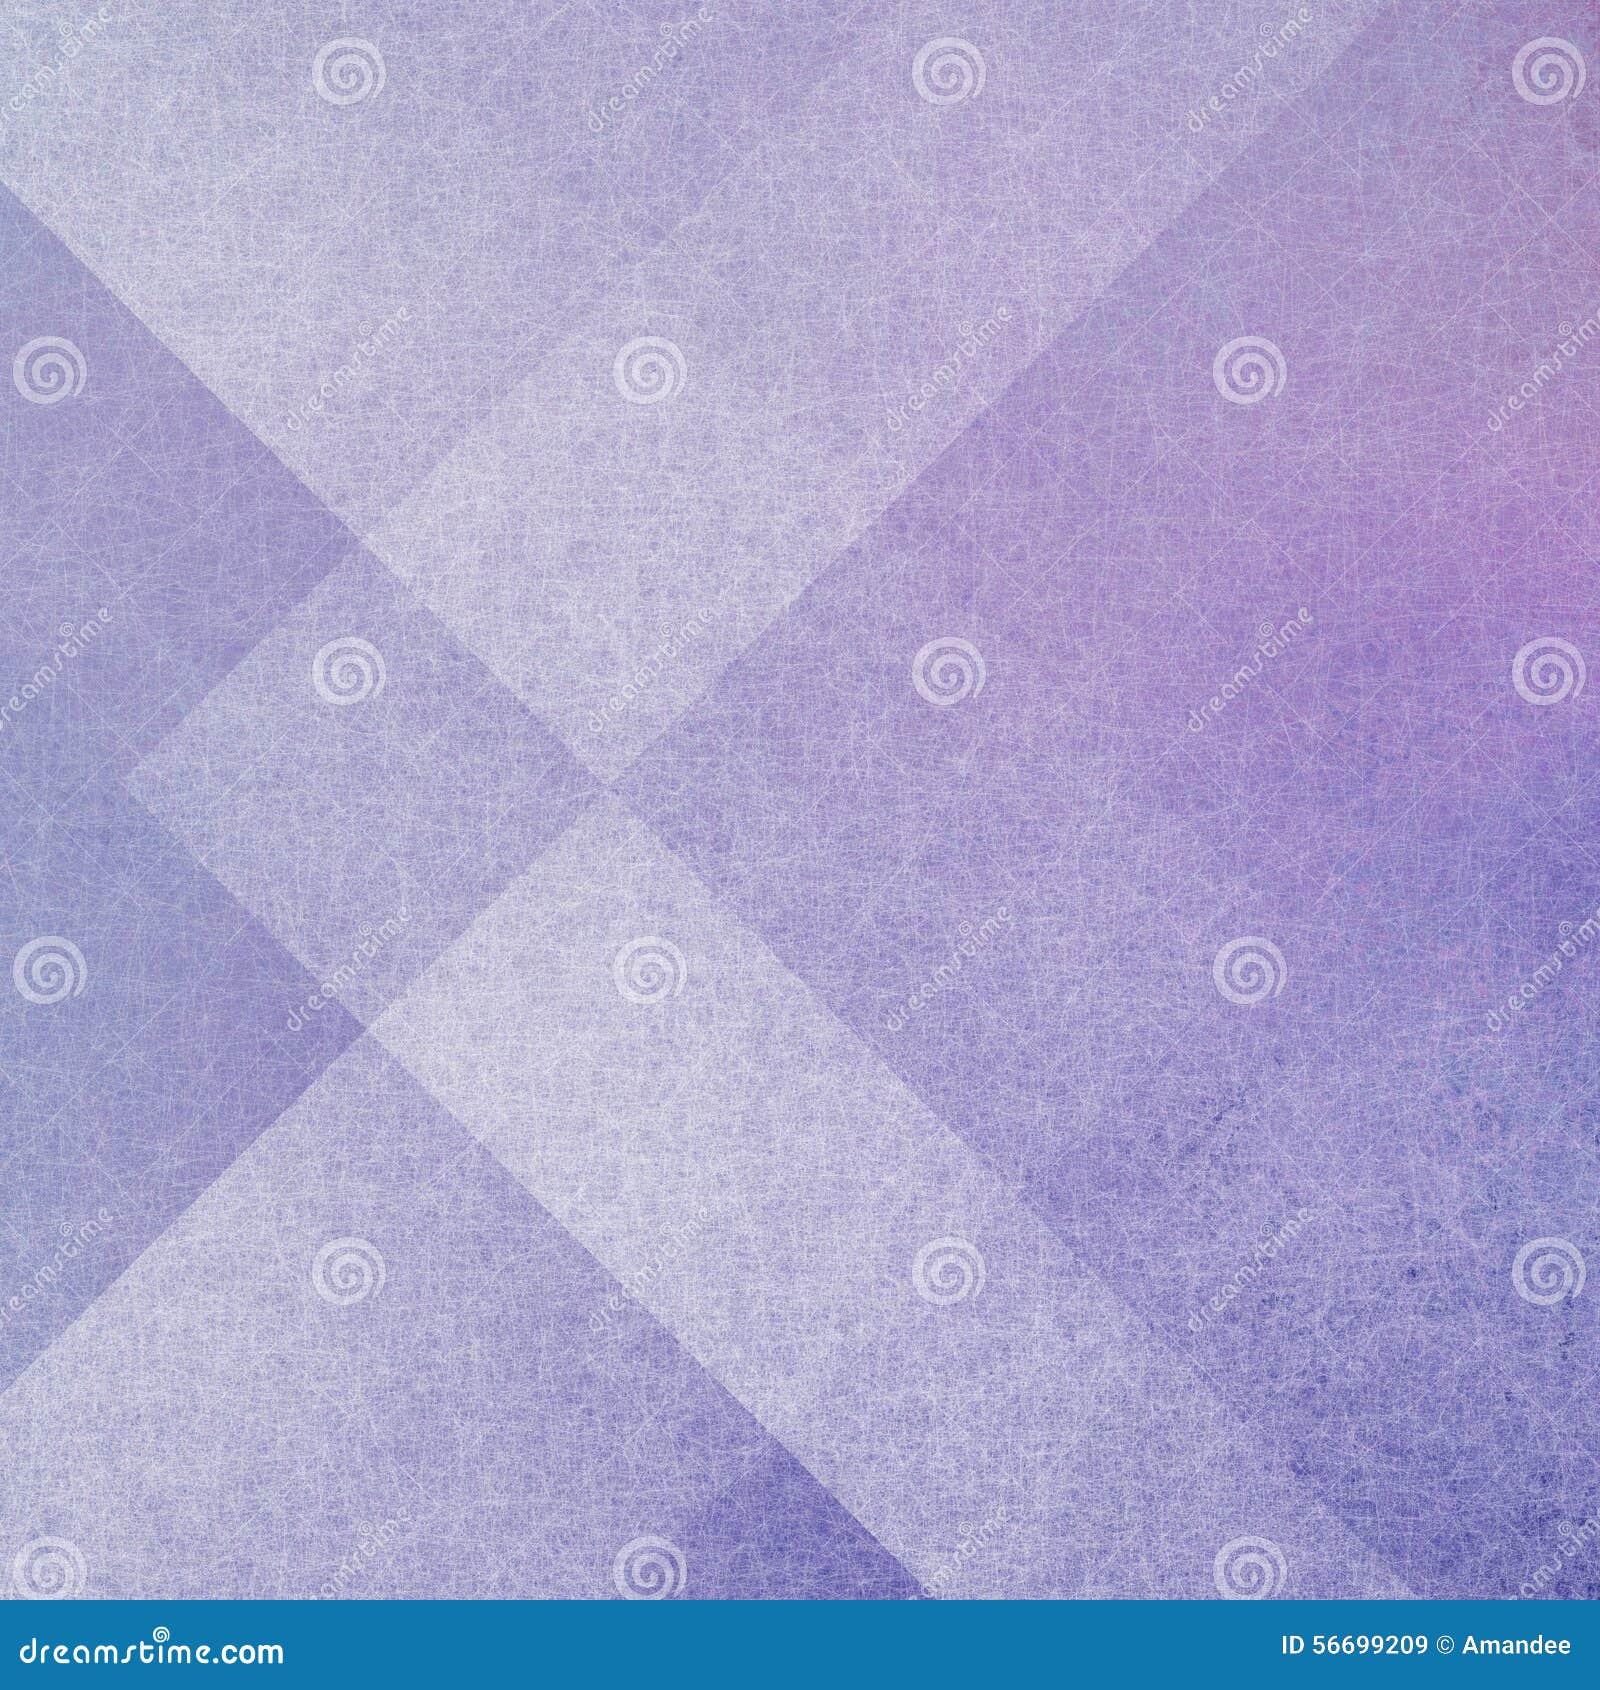 Abstrakt purpurfärgad bakgrund med geometriska lager av rectangels och triangelformer